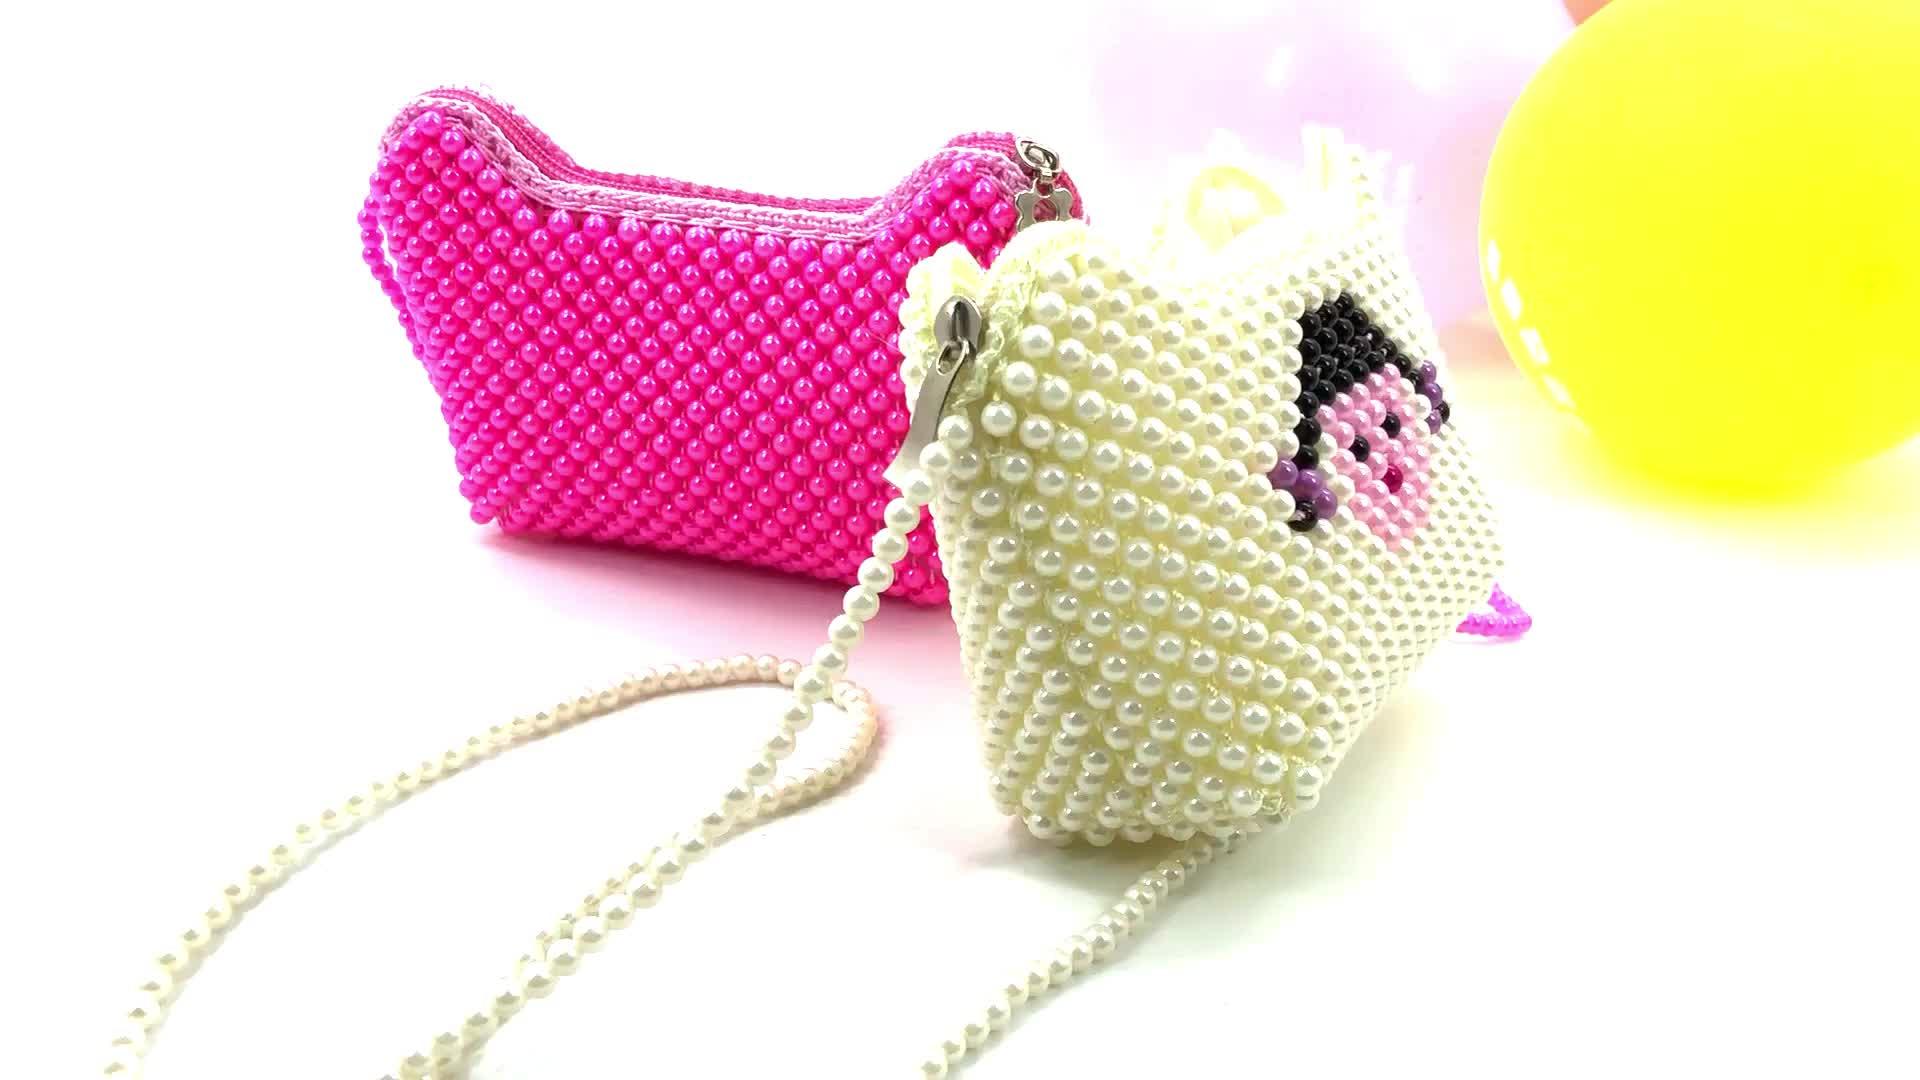 Fournisseurs en vrac de conception de mode en gros tissé à la main sac à main creux enfant perle sac